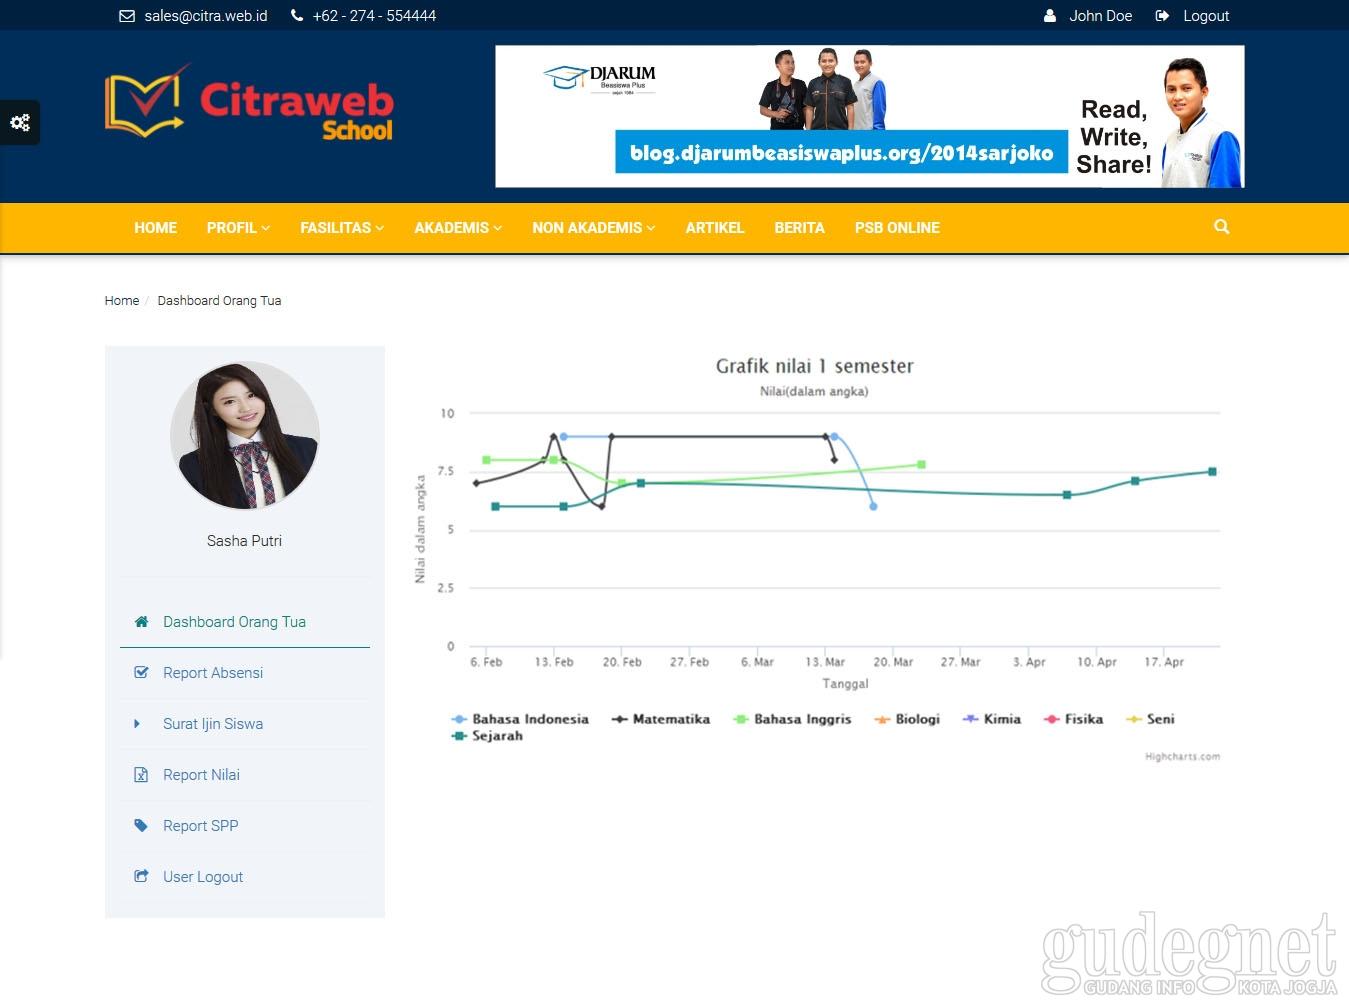 Pantau Grafik Nilai Siswa di Web Sekolah Lansiran Citraweb School